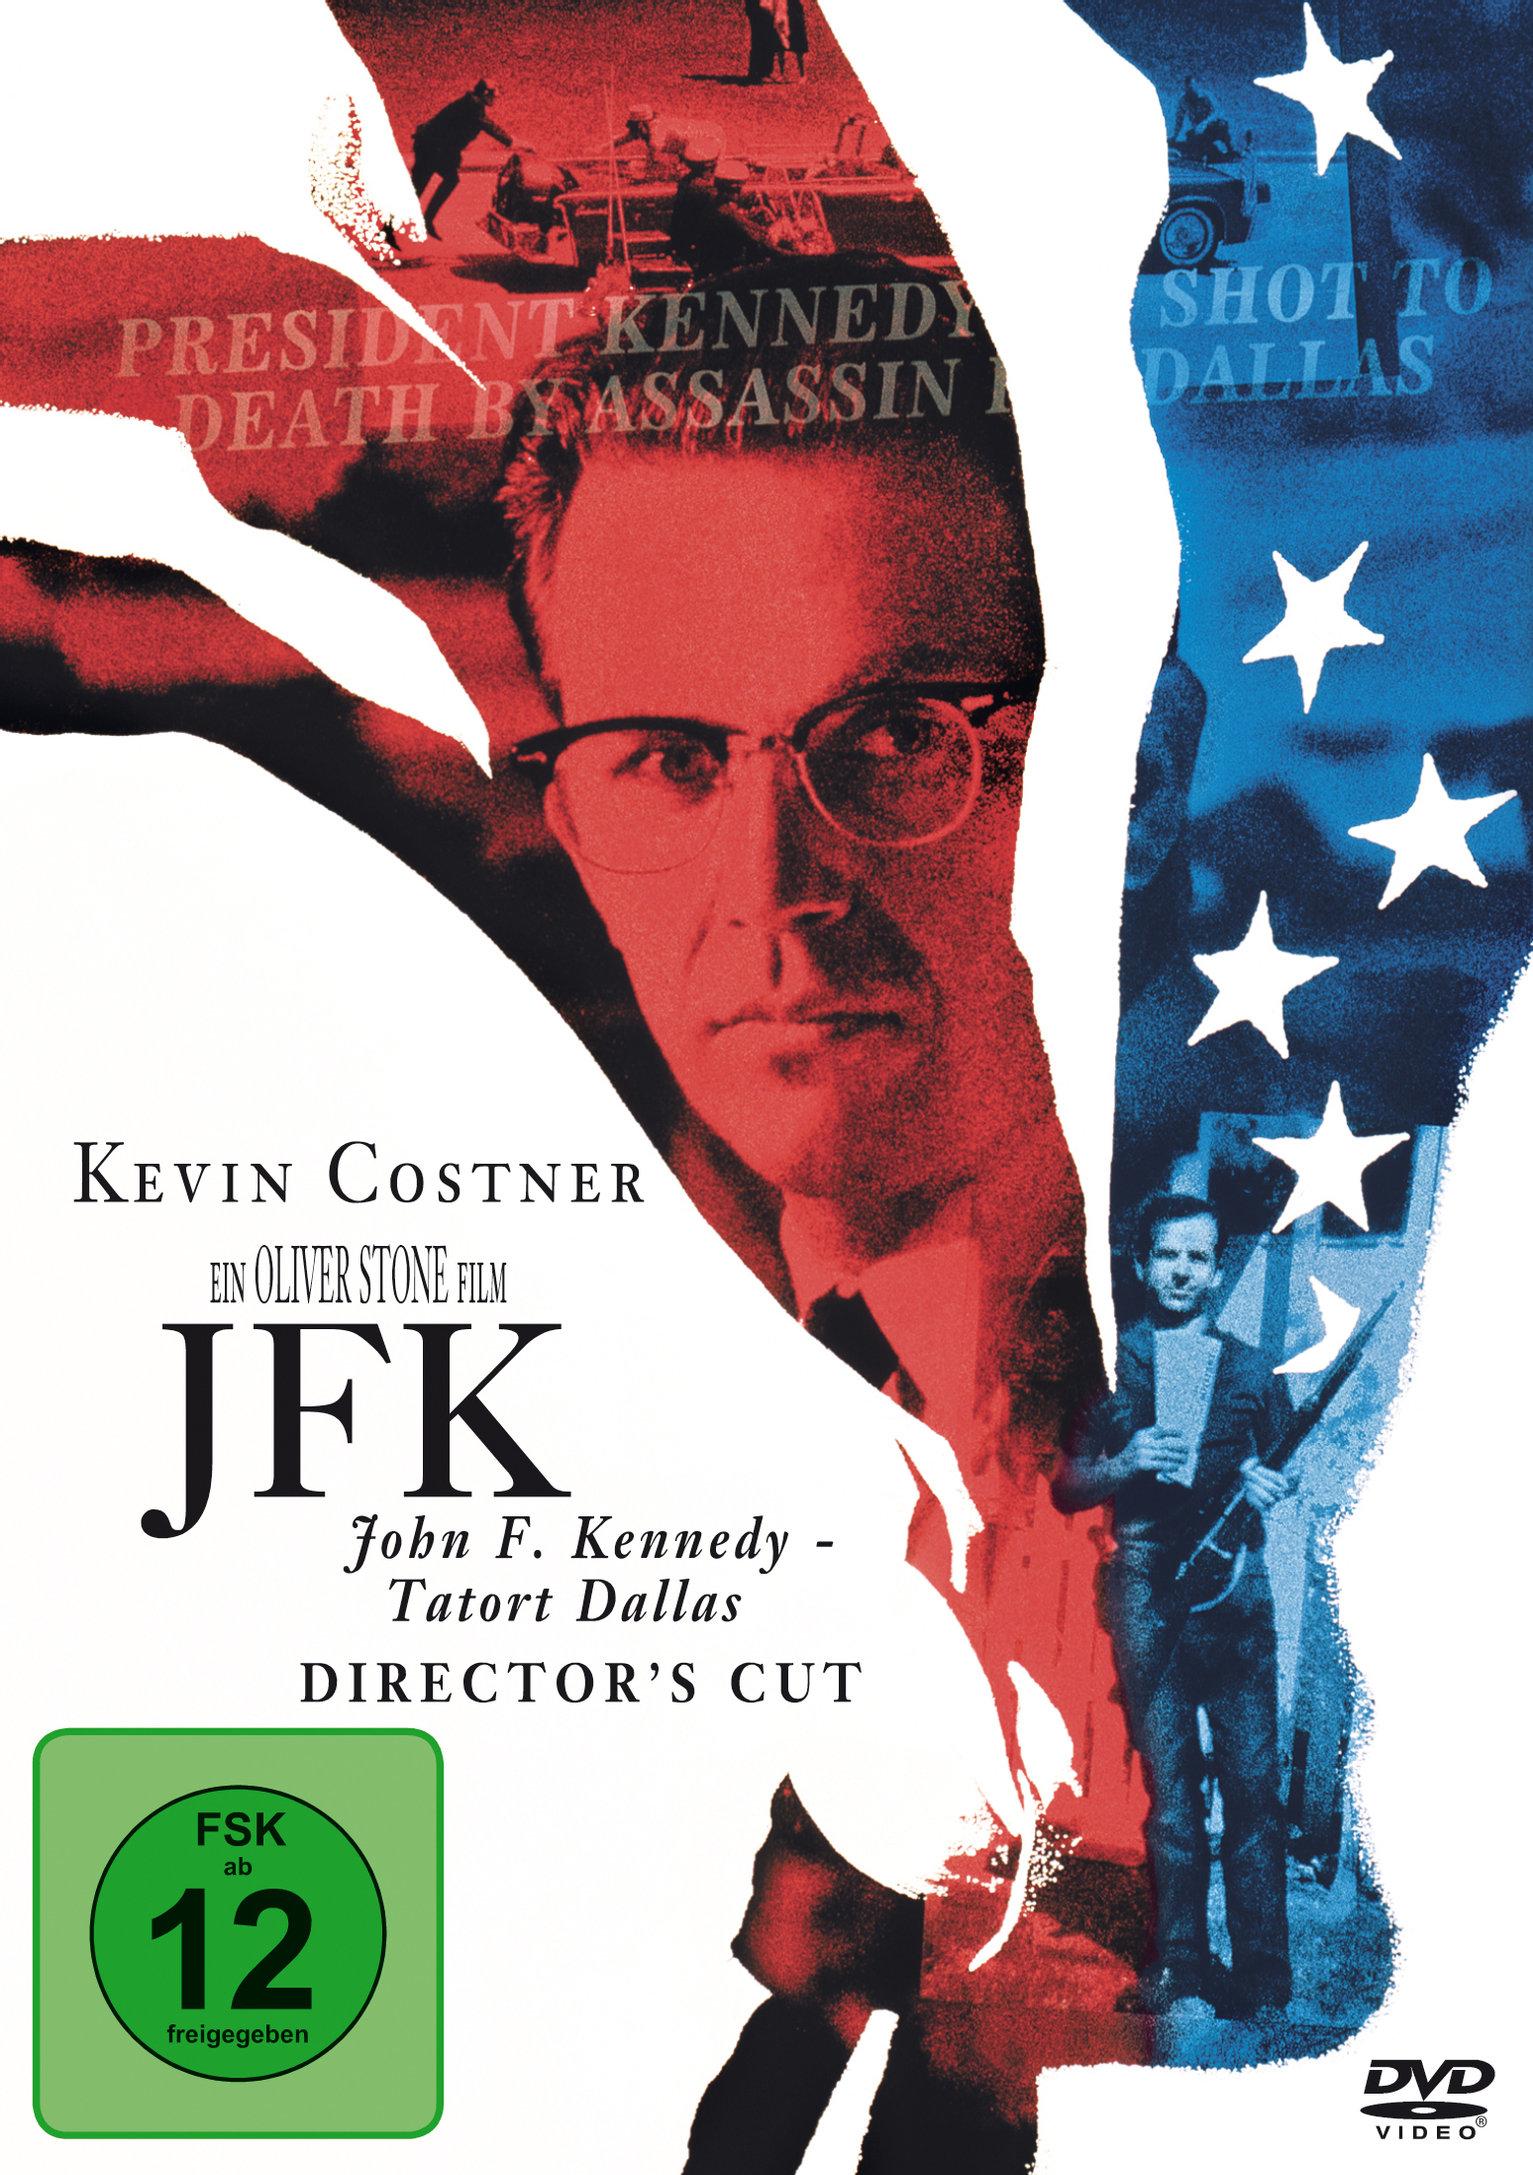 «JFK – Tatort Dallas» ist mitreissend, auch 30 Jahre danach